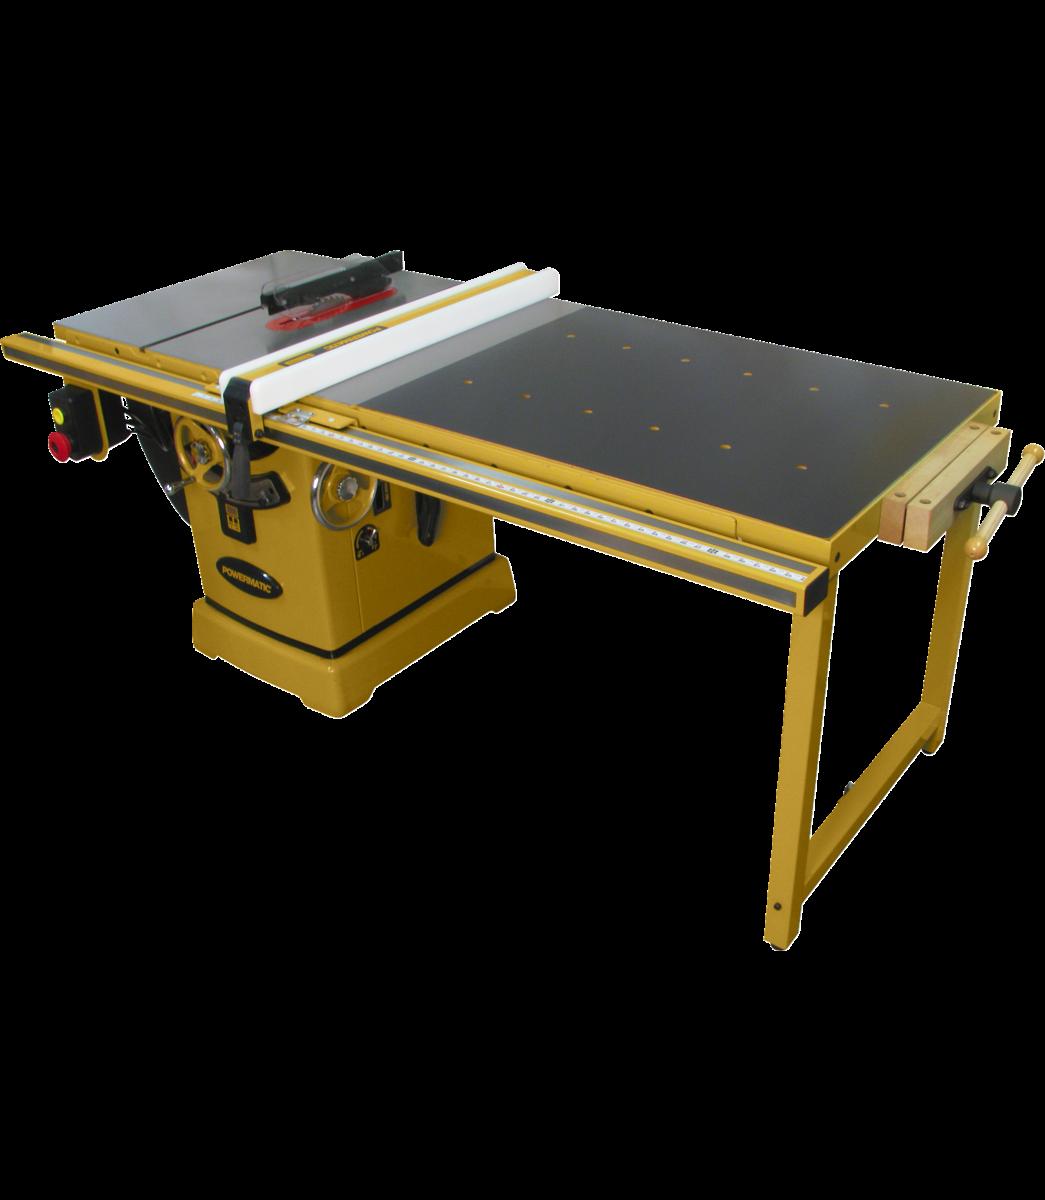 """2000B table saw - 5HP 1PH 230V 50"""" RIP w/Accu-Fence & Workbench"""